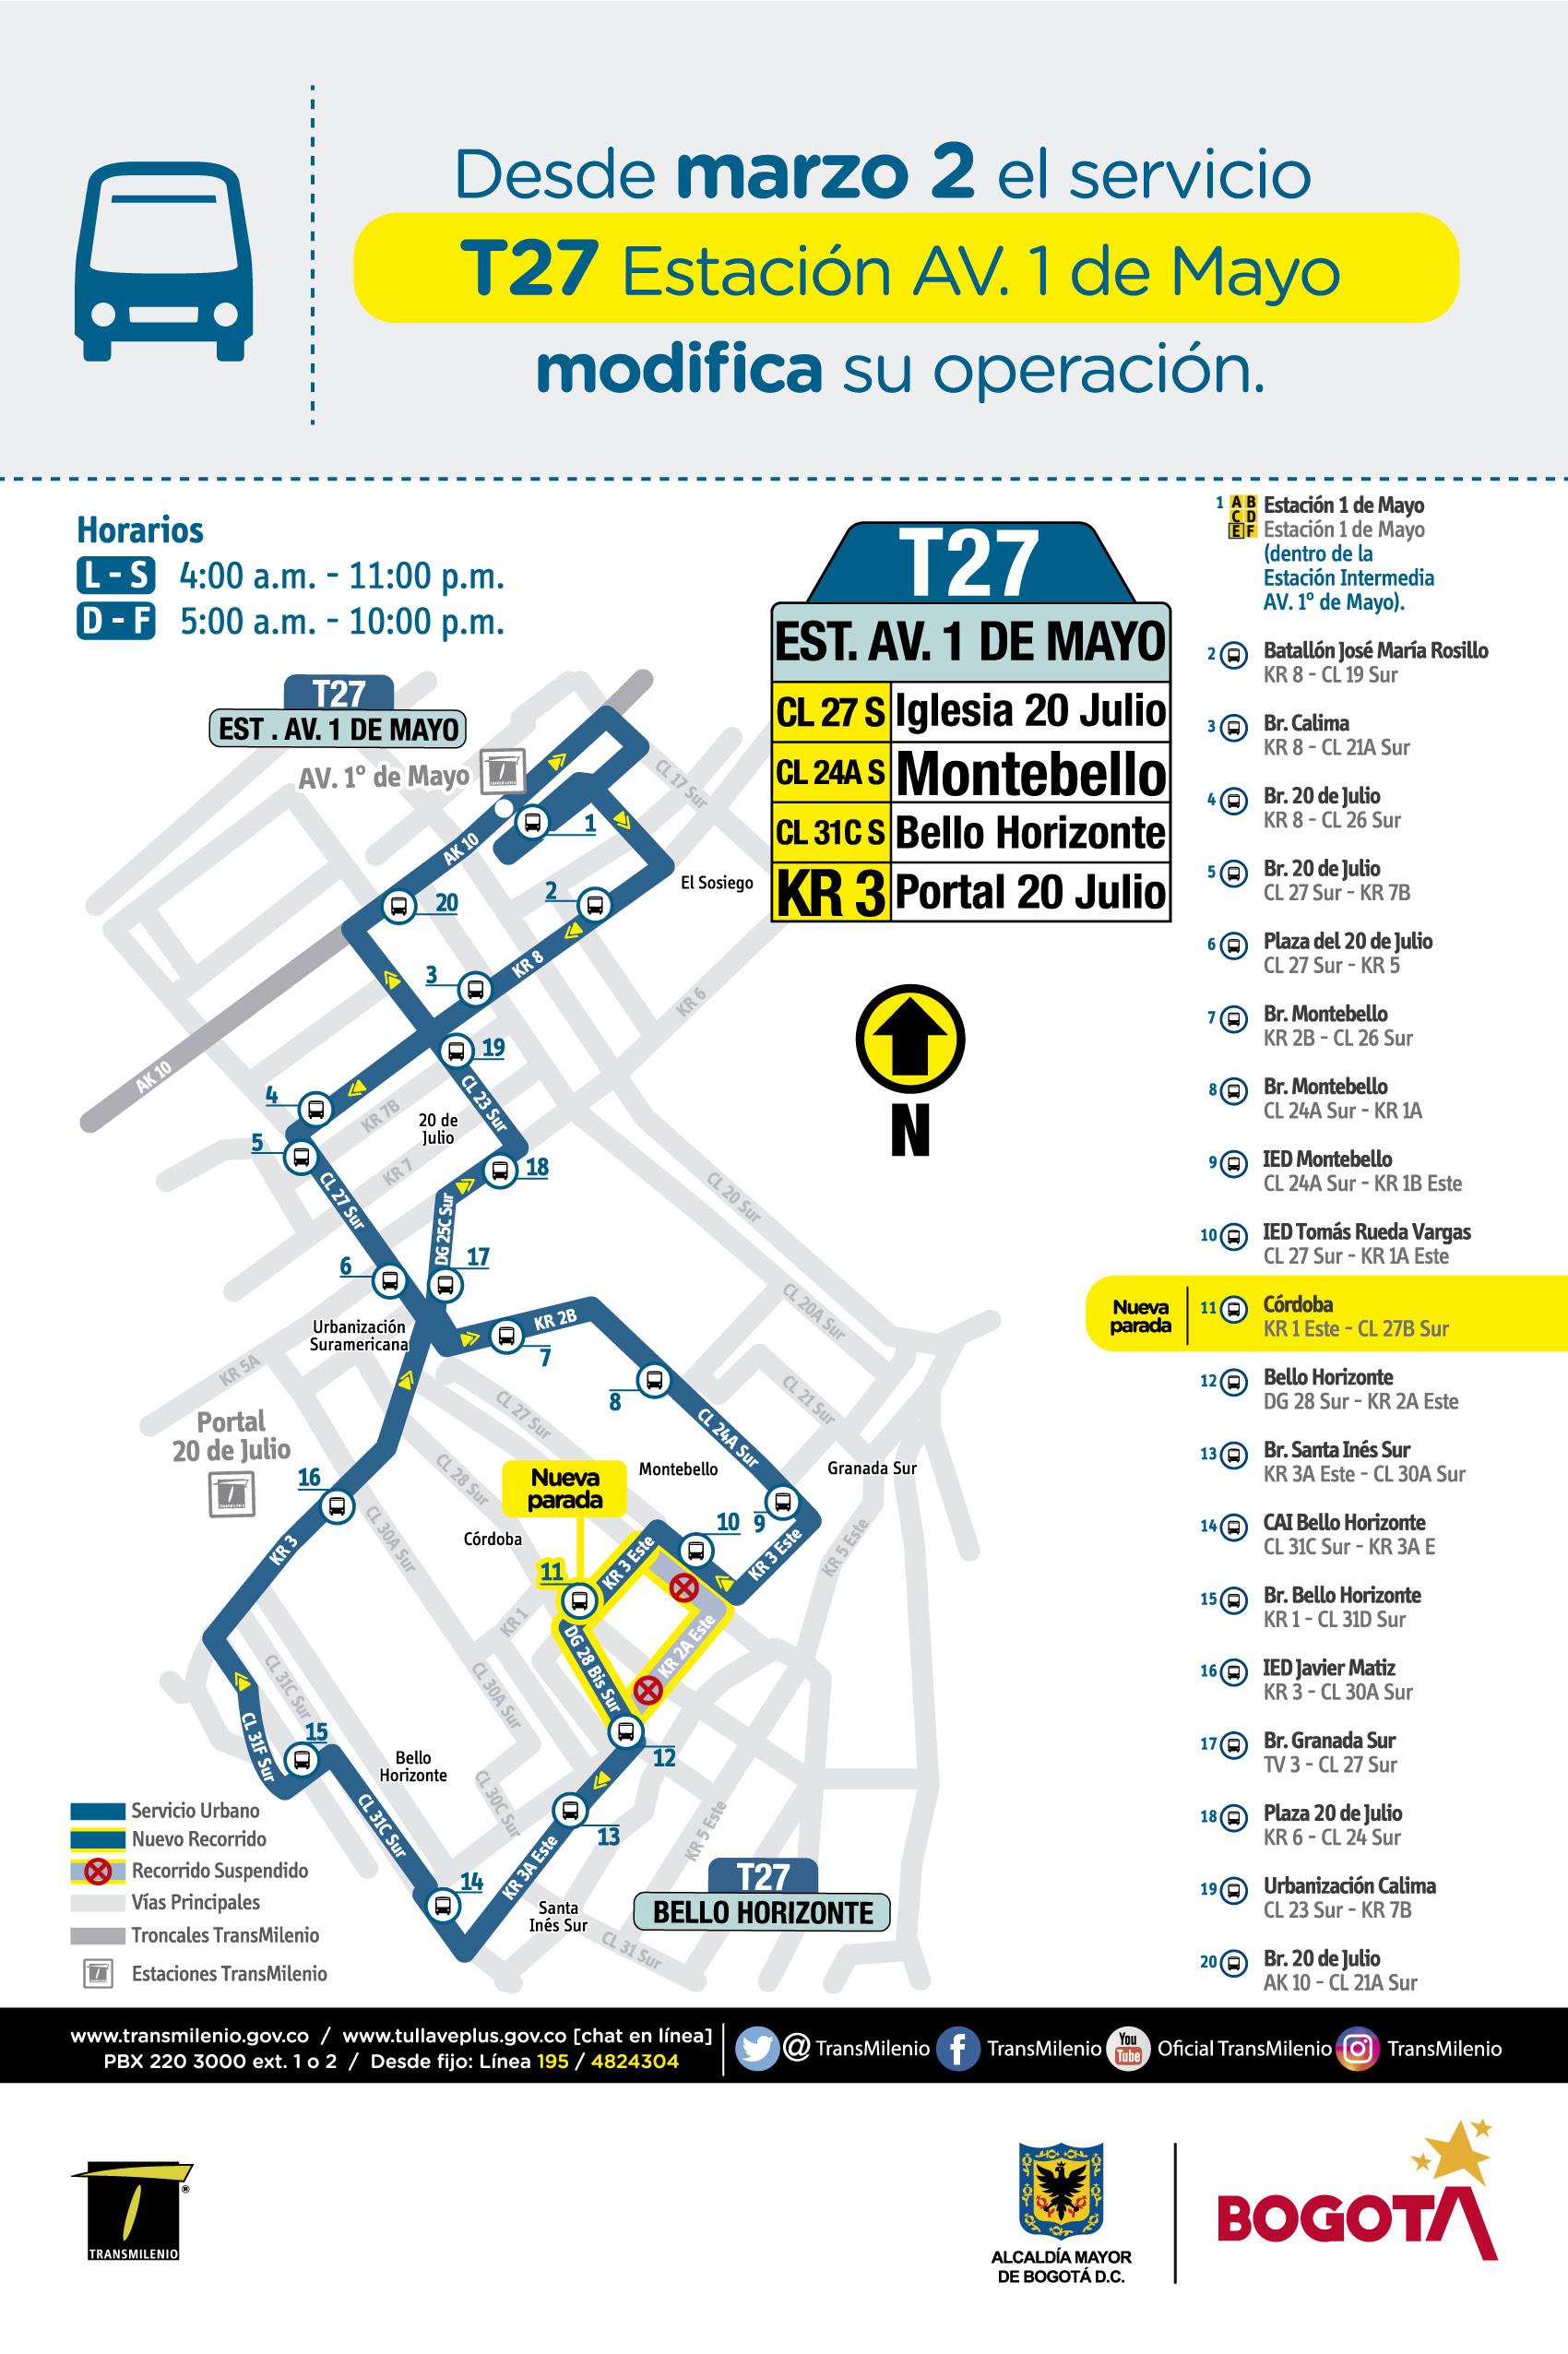 Mapa de la ruta T27 con ajuste operacional